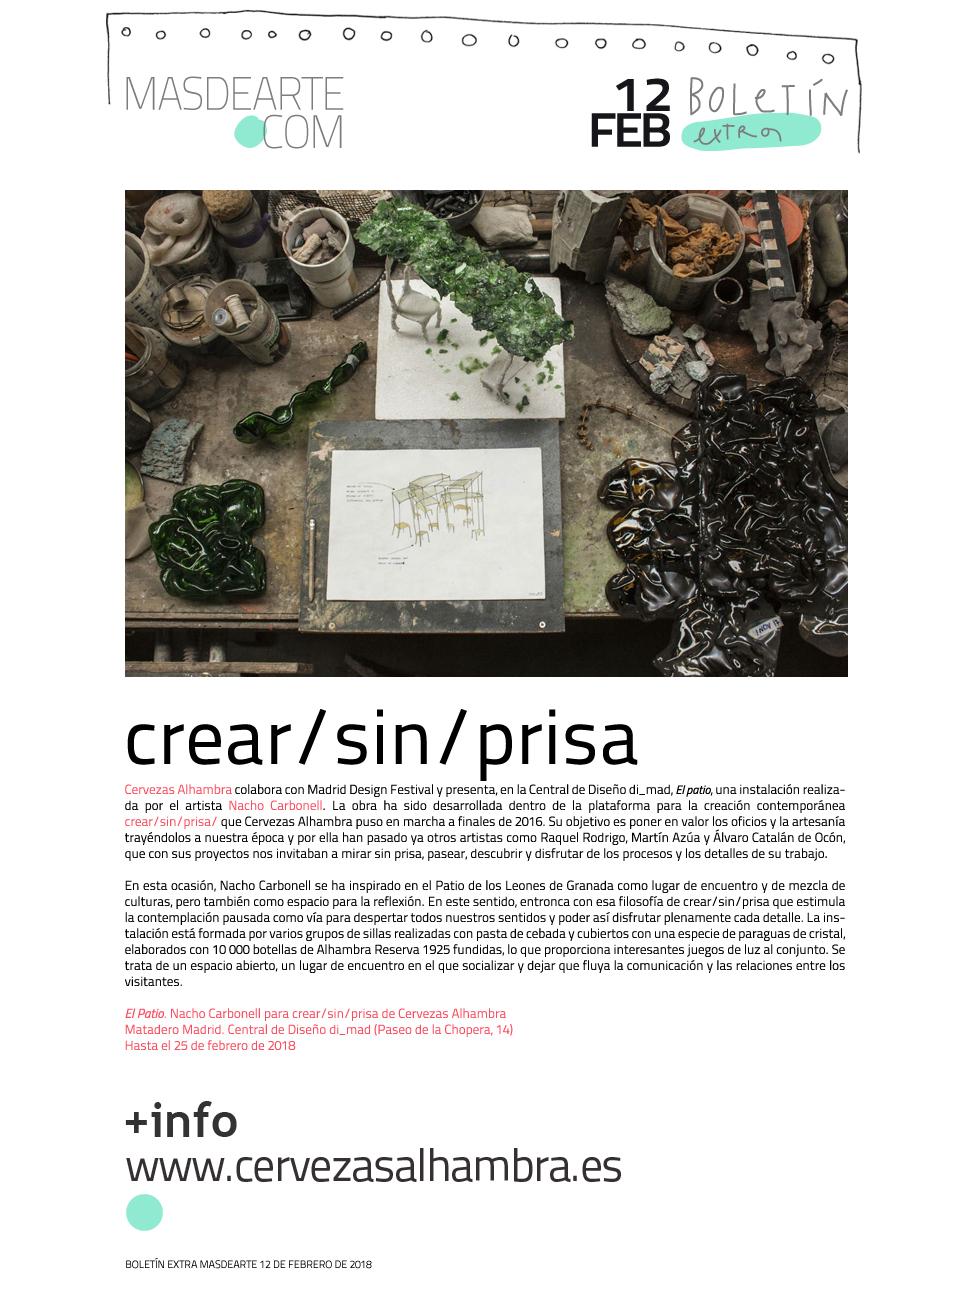 Extra masdearte: Nacho Carbonell presenta su trabajo para crear/sin/prisa en Madrid Design Festival